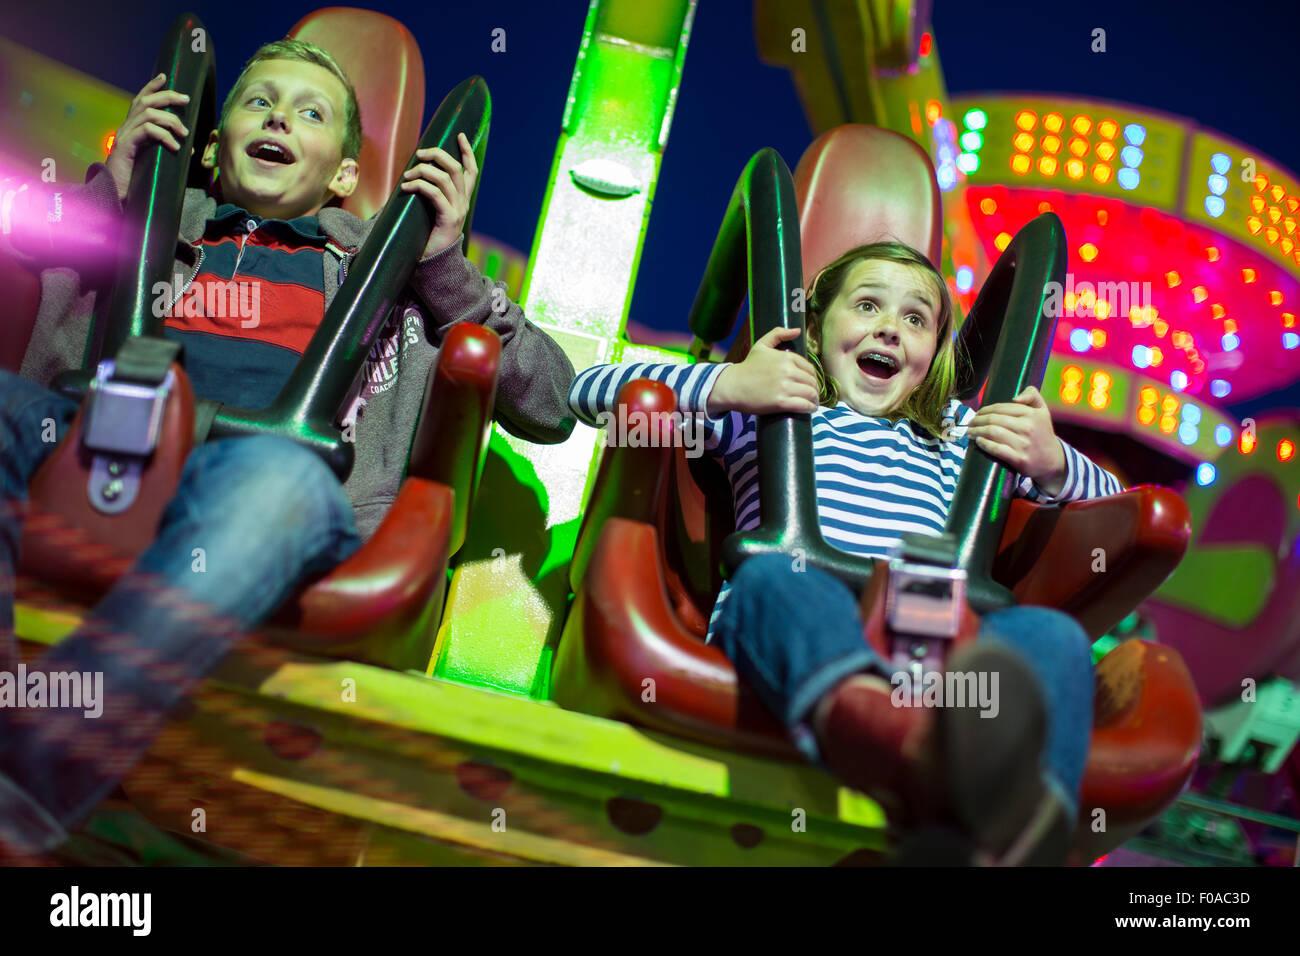 Sorella e fratello su fairground ride di notte Immagini Stock